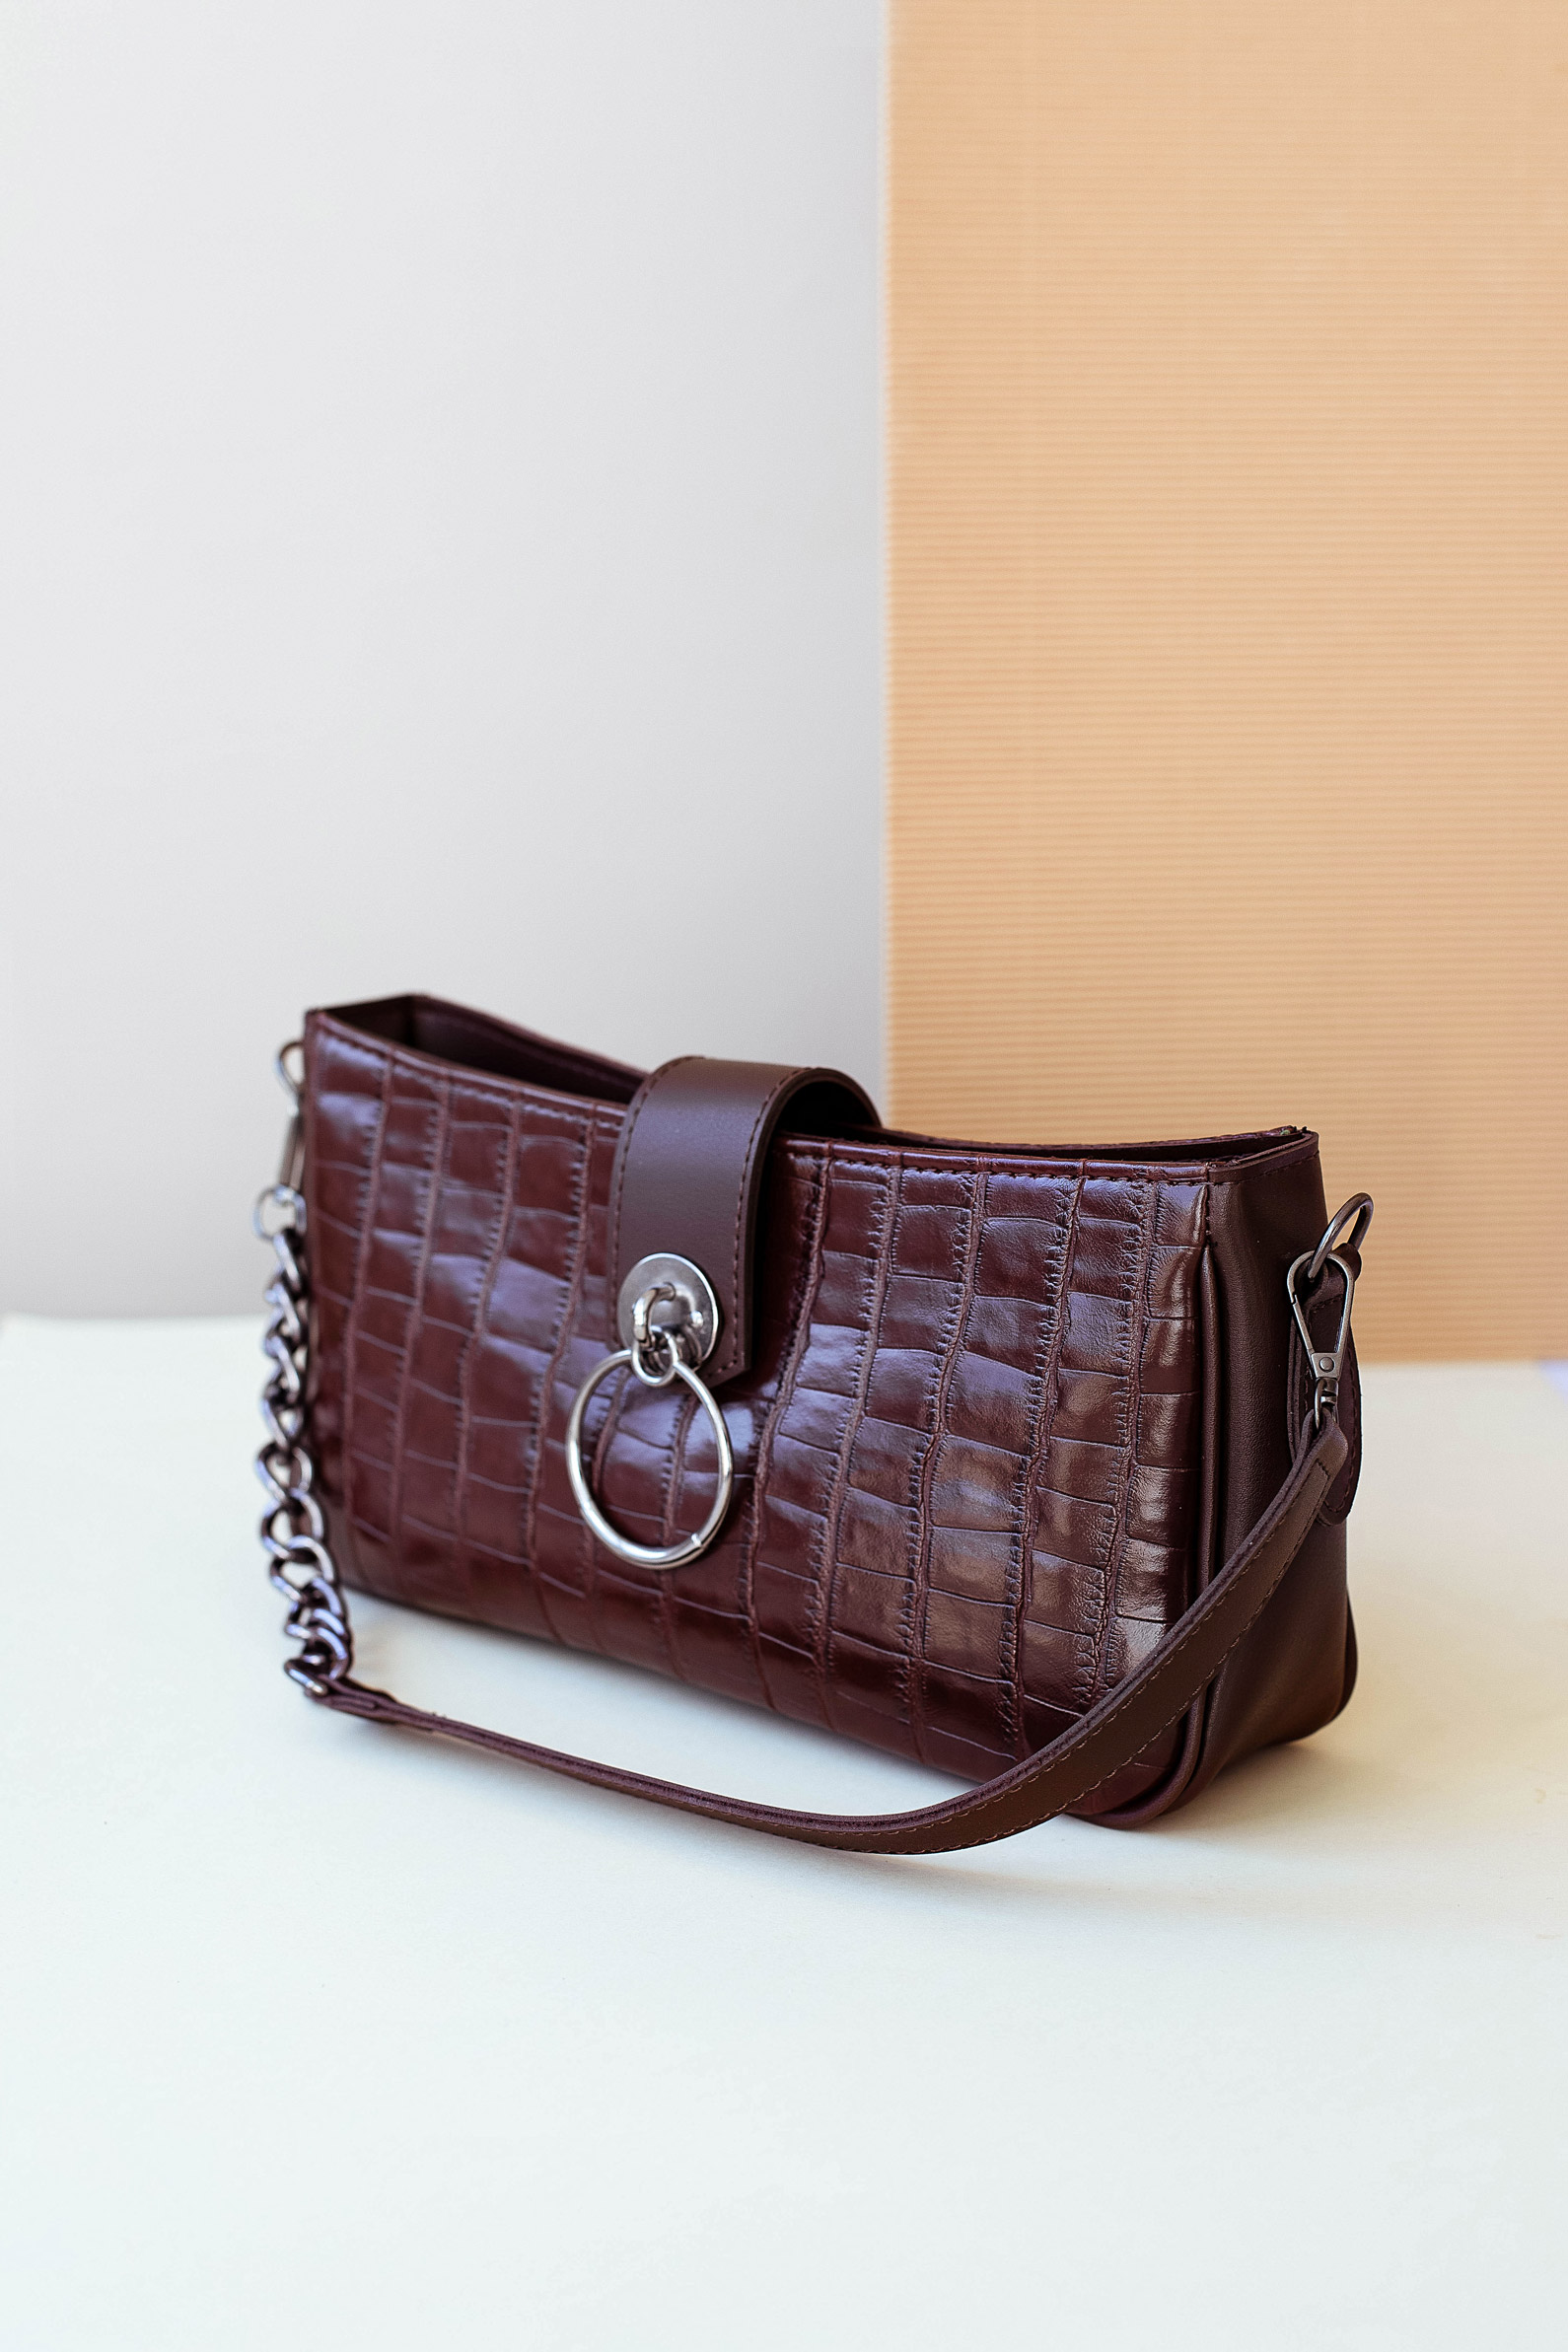 Женская сумка Avery коричневый крокодил